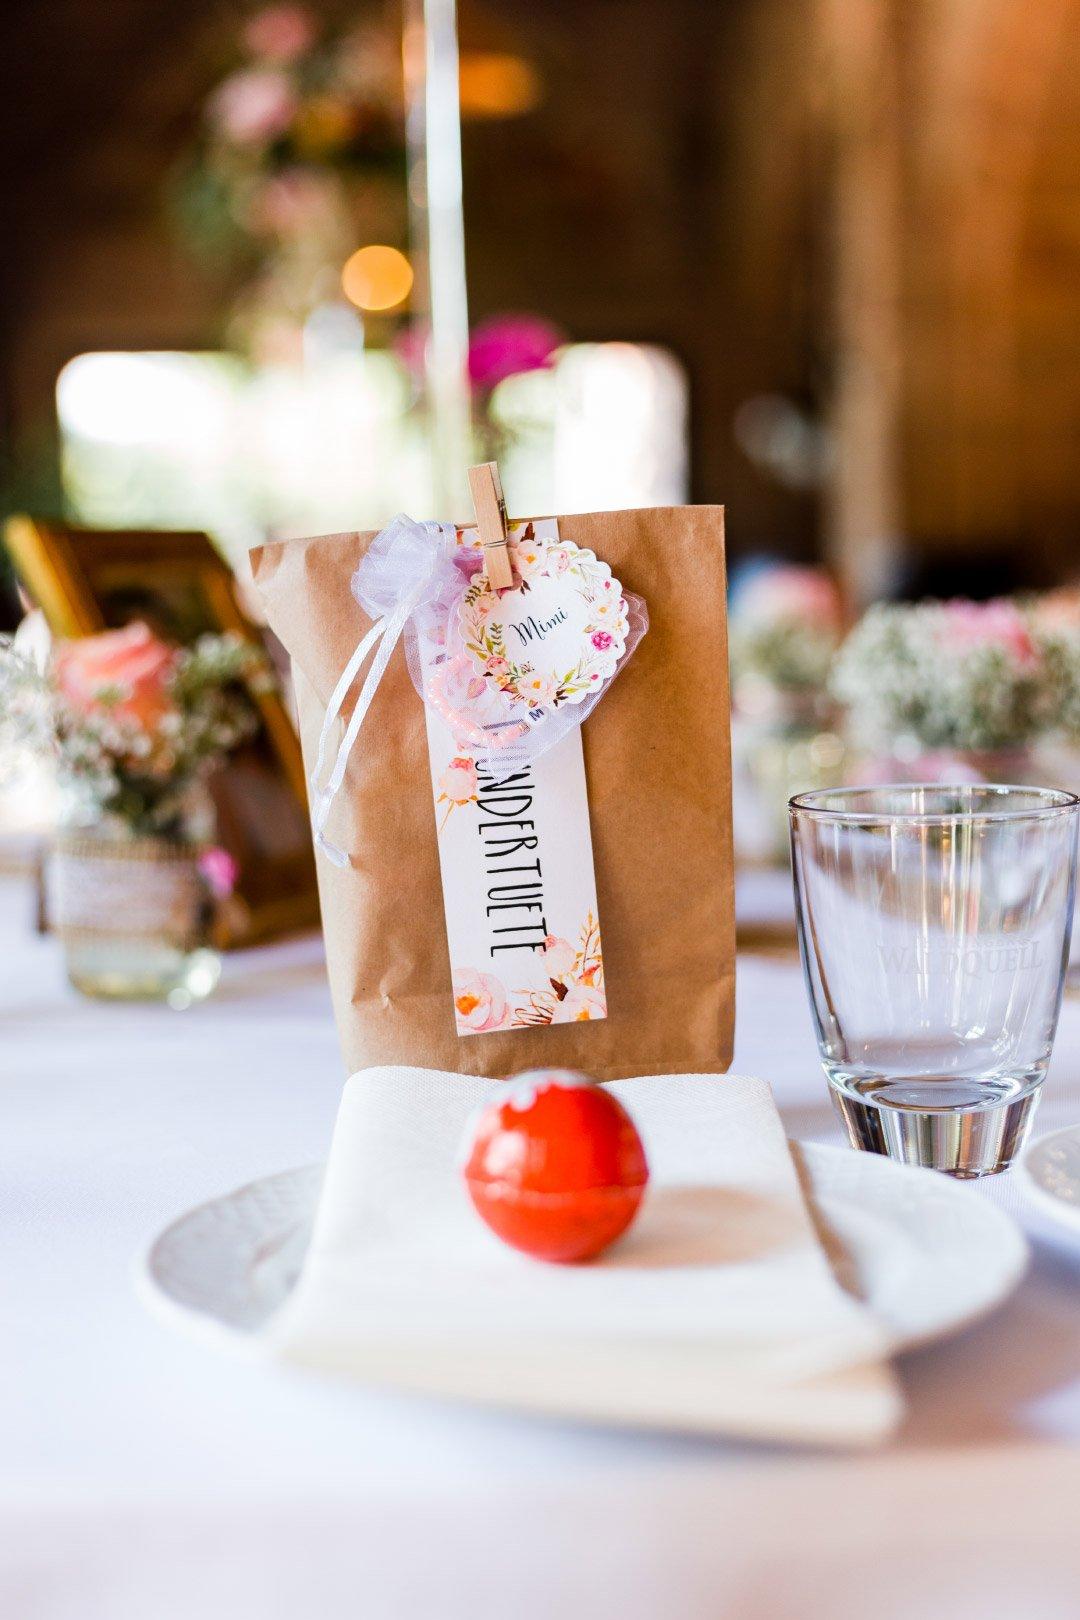 Wundertüte für Kinder bei der Hochzeit